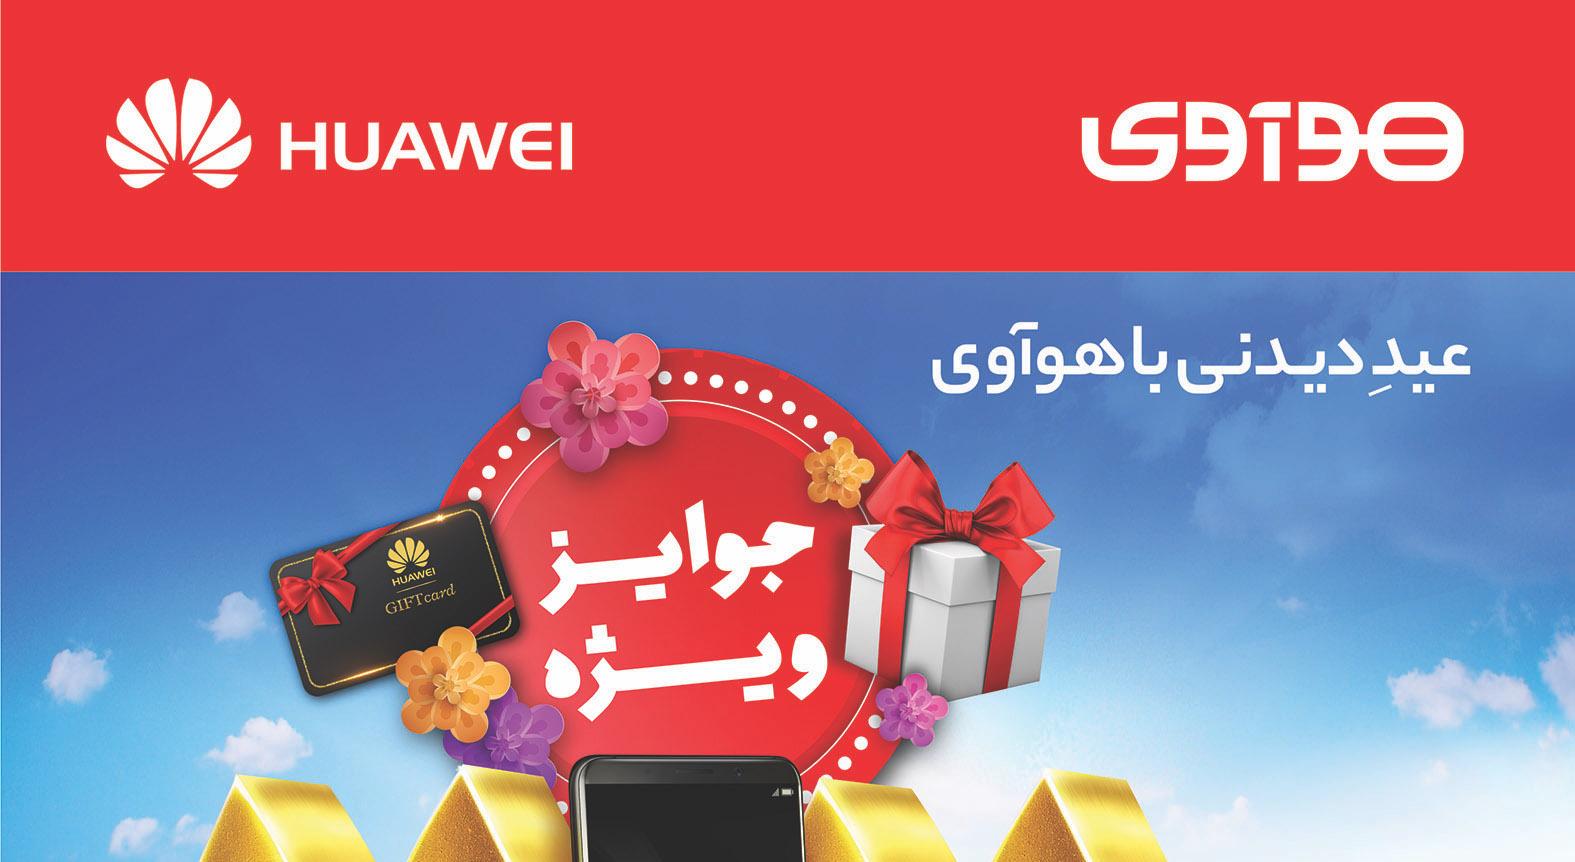 برنامه های ویژه هوآوی برای کاربران در ایام عید نوروز